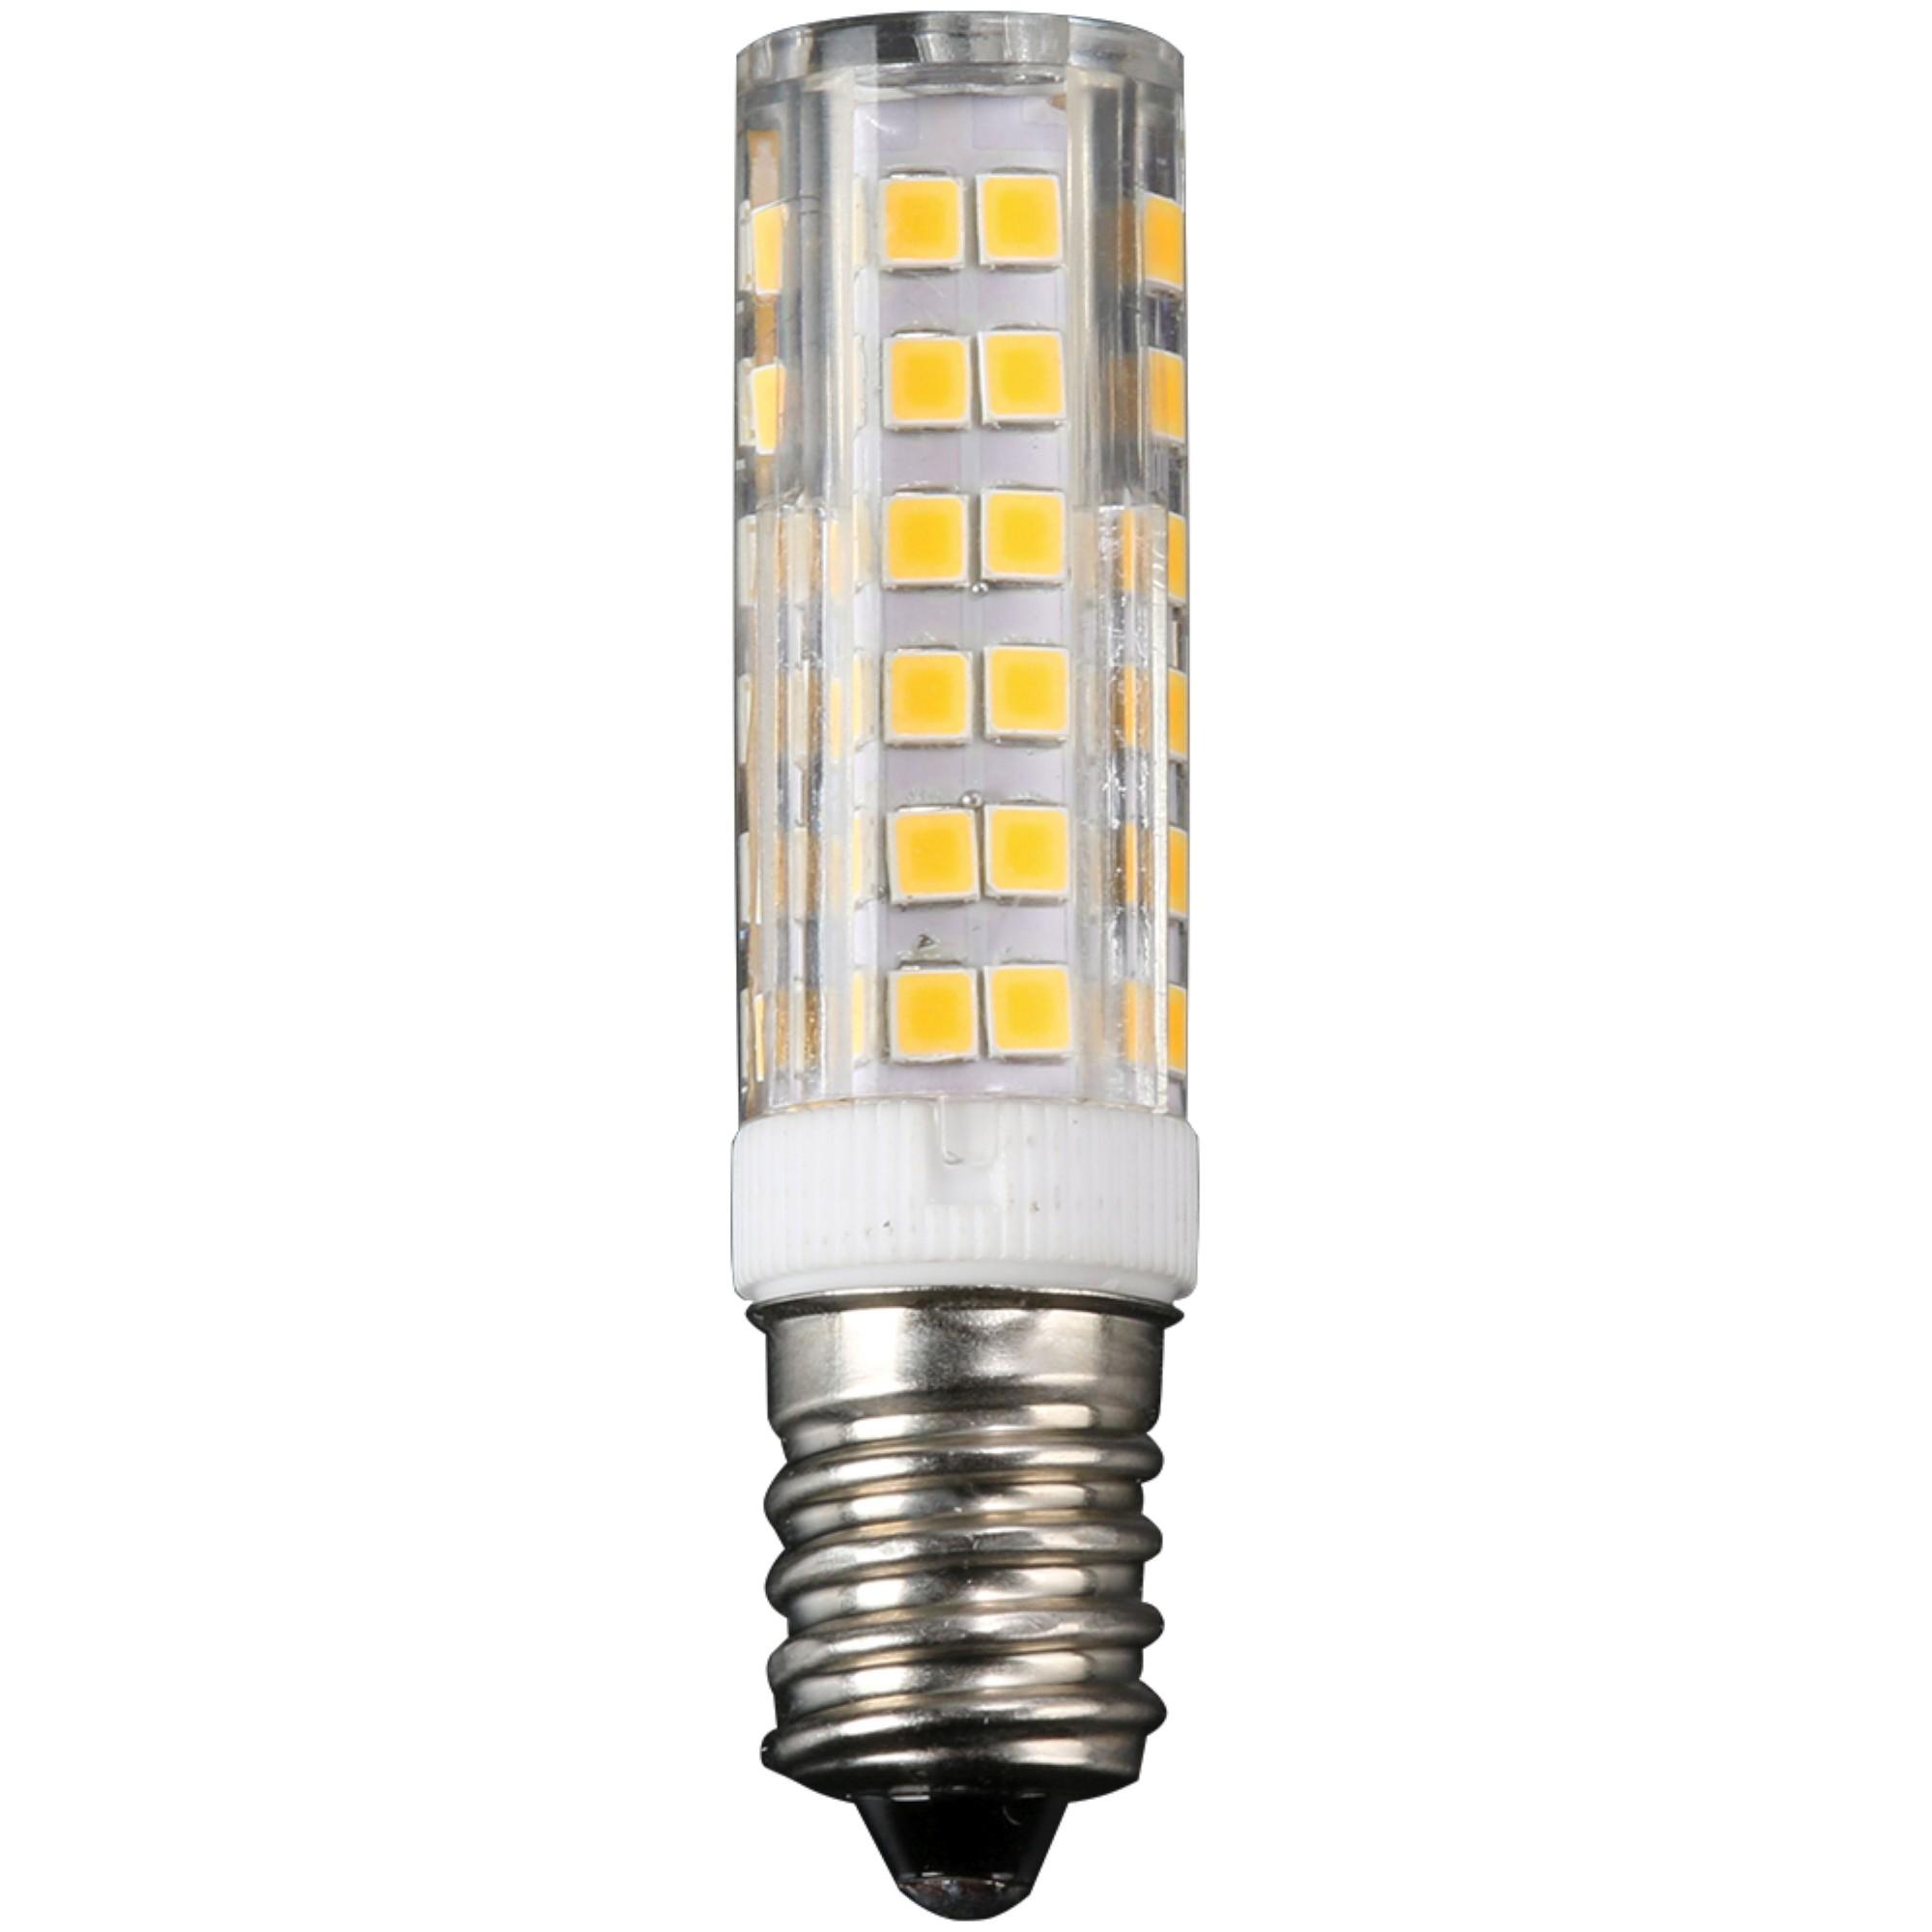 Лампа Ecola стандарт светодионая E14 5.50 Вт 440 Лм теплый свет